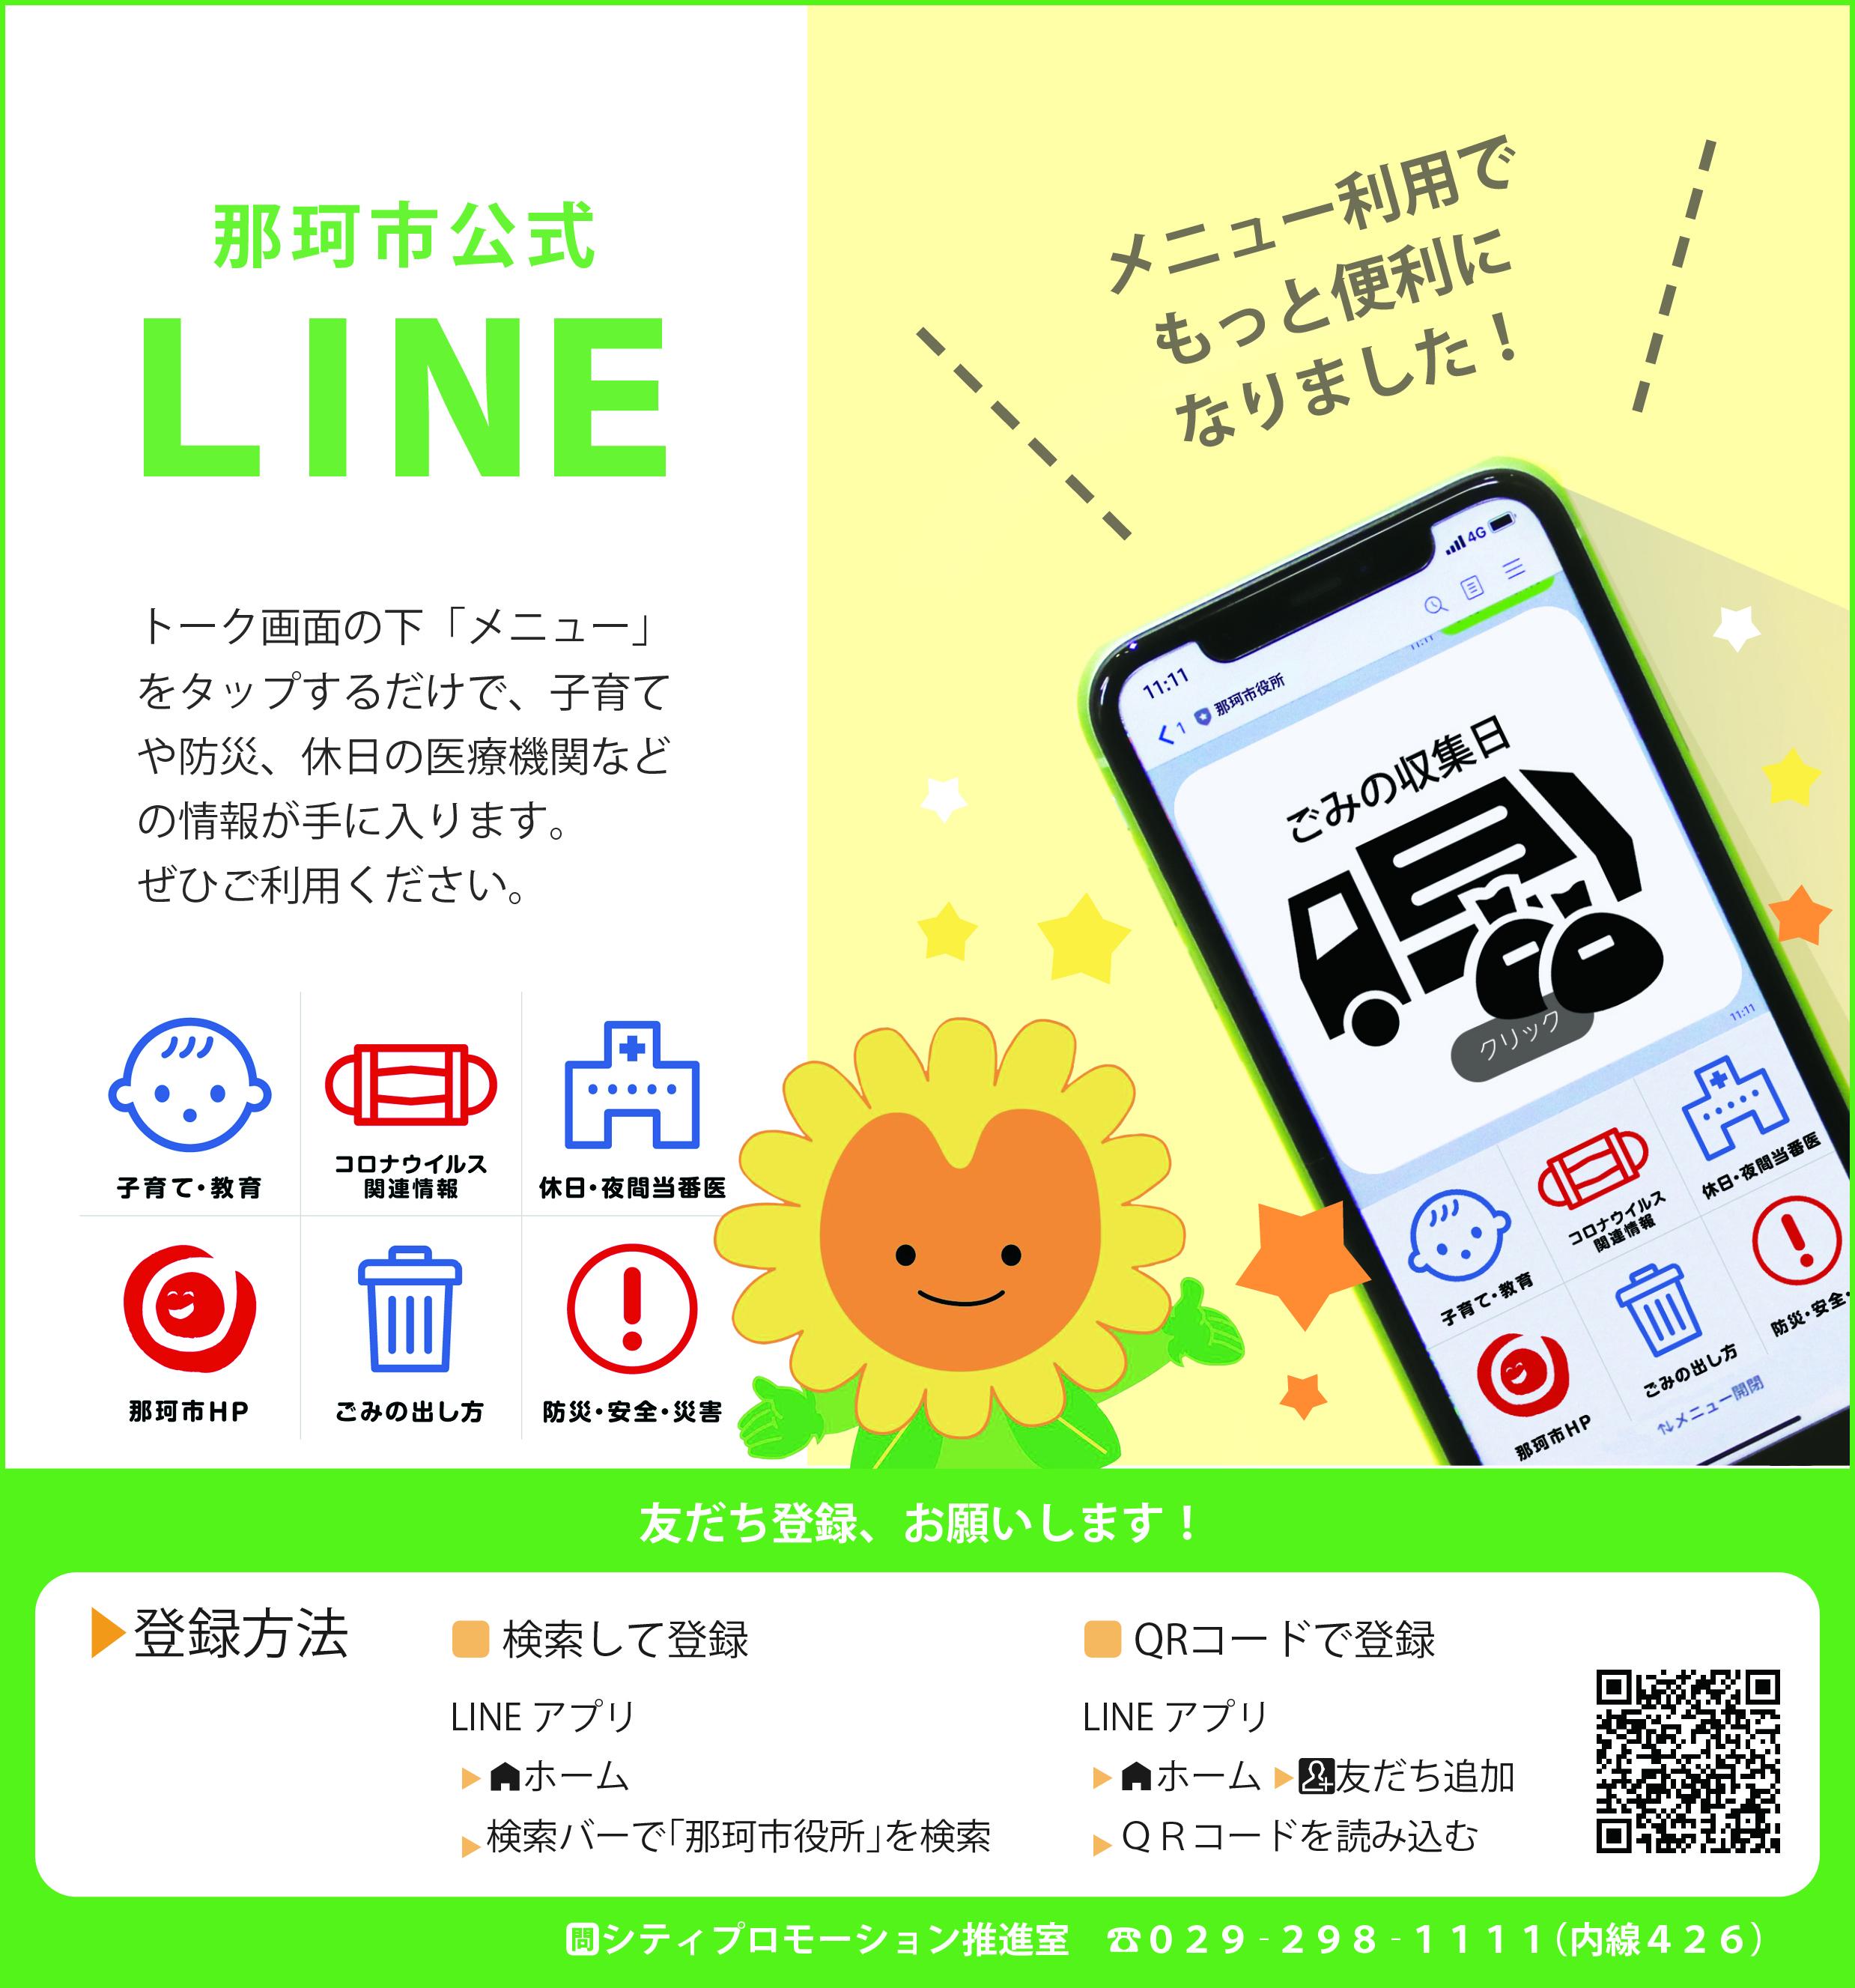 LINEのメニュー